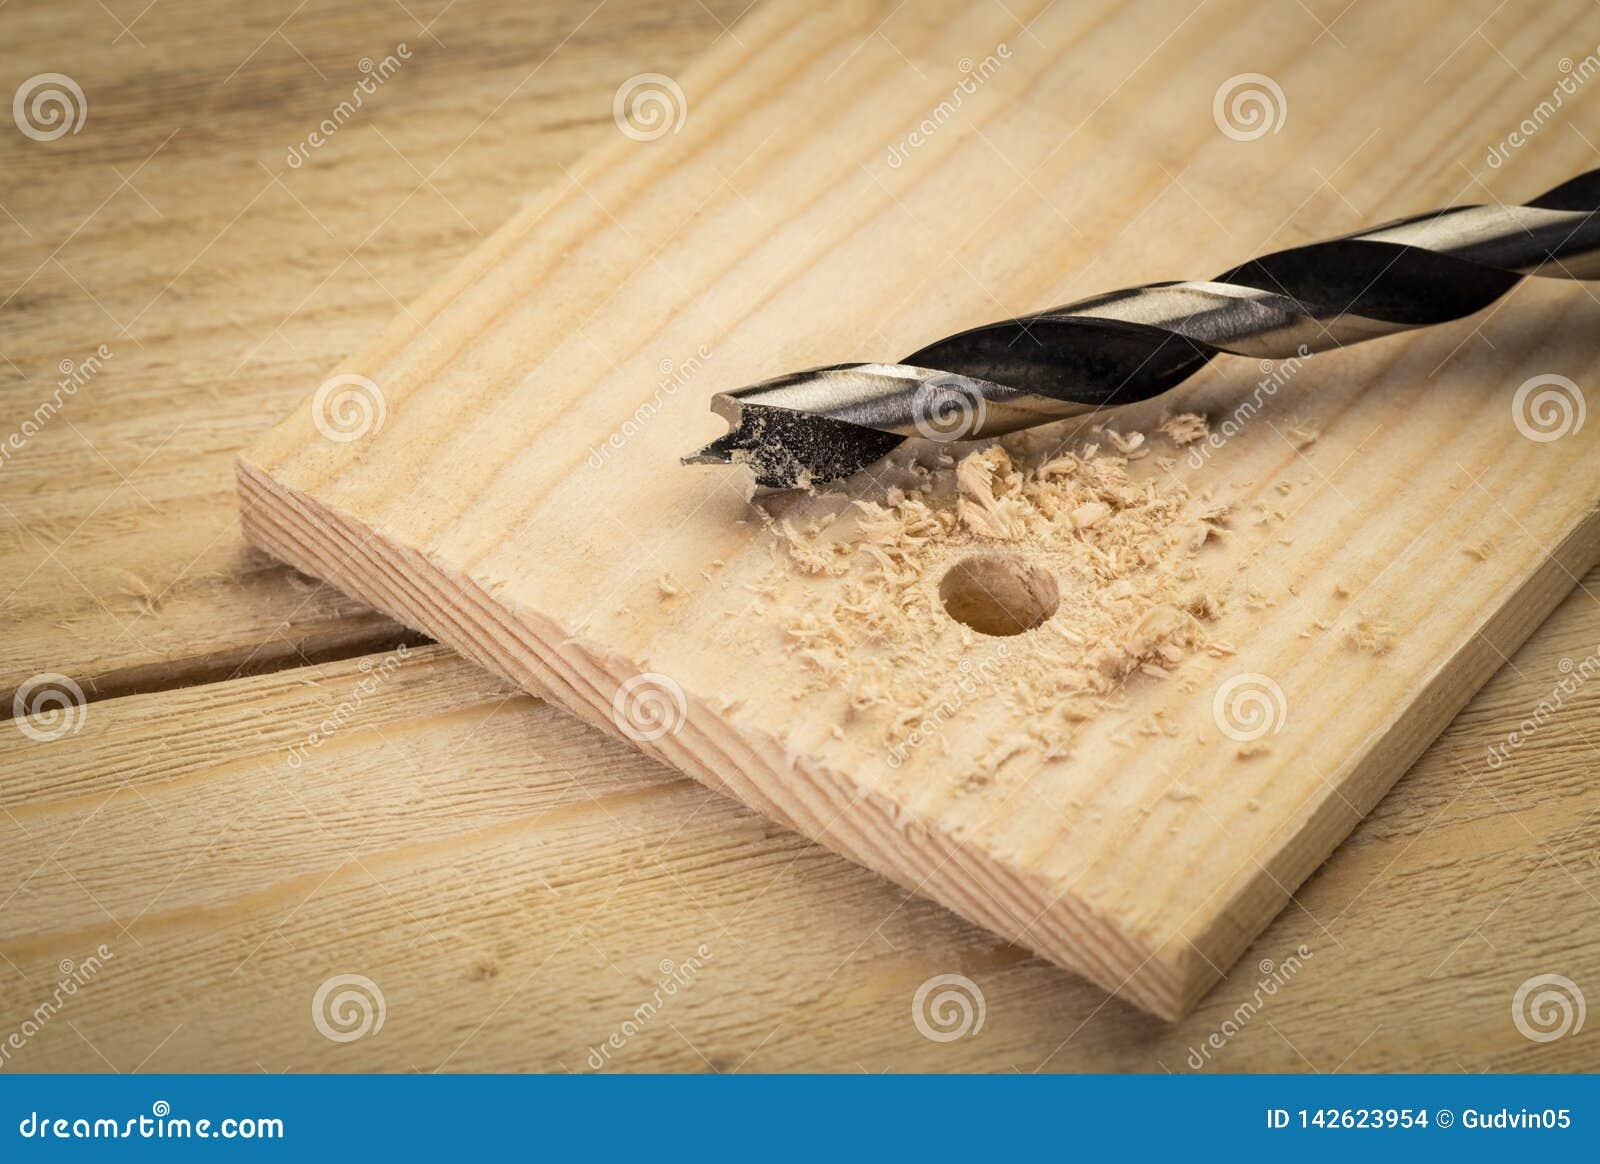 Brocas del metal en fondo de madera Diy en casa